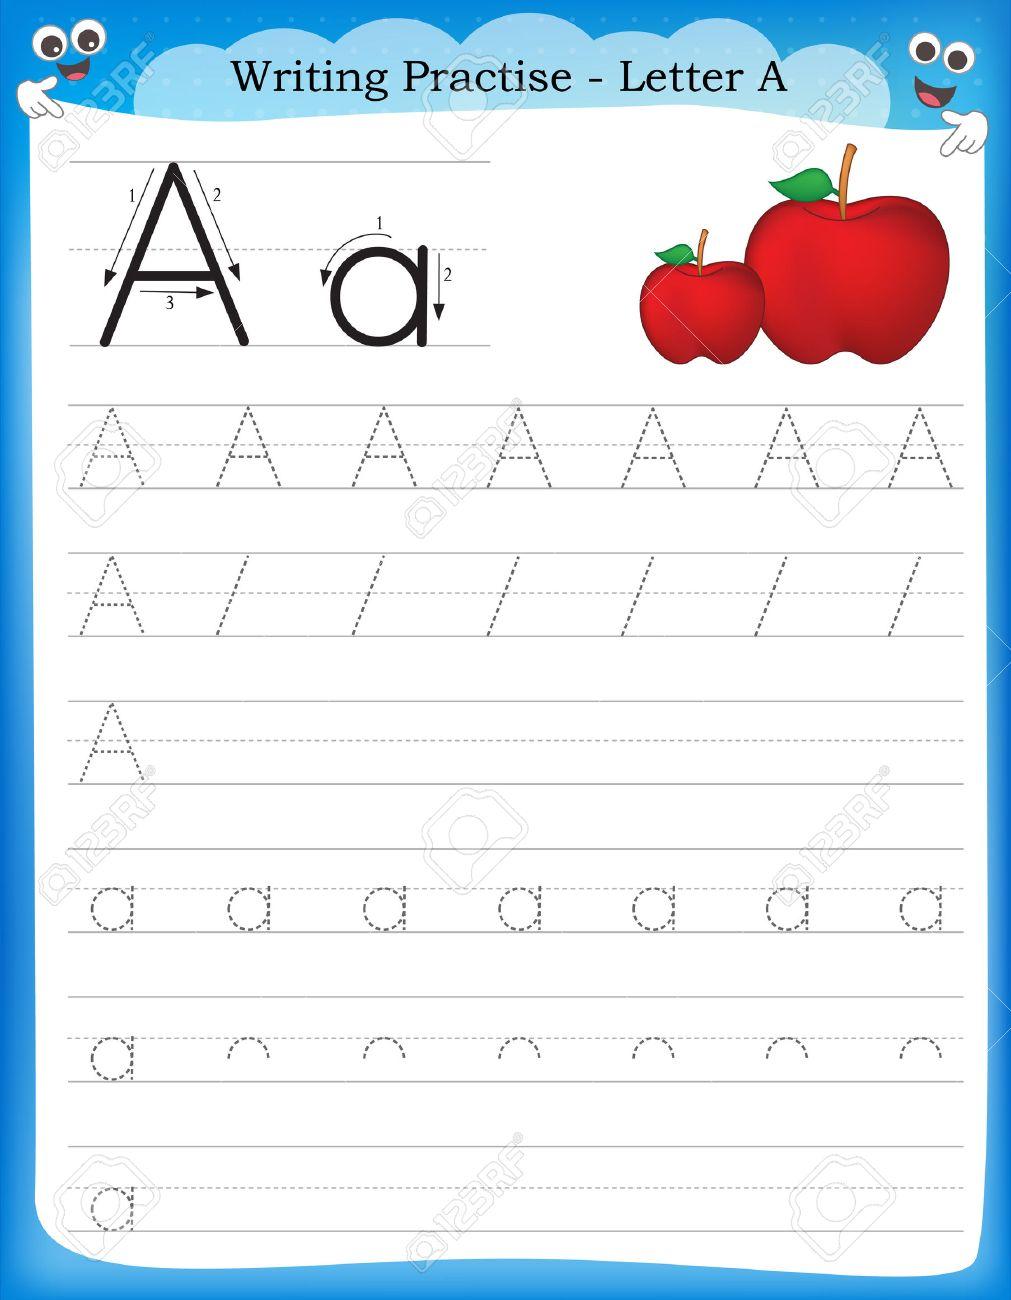 Writ G Pr Ctice Letter Pr T Ble W Ksheet Preschool